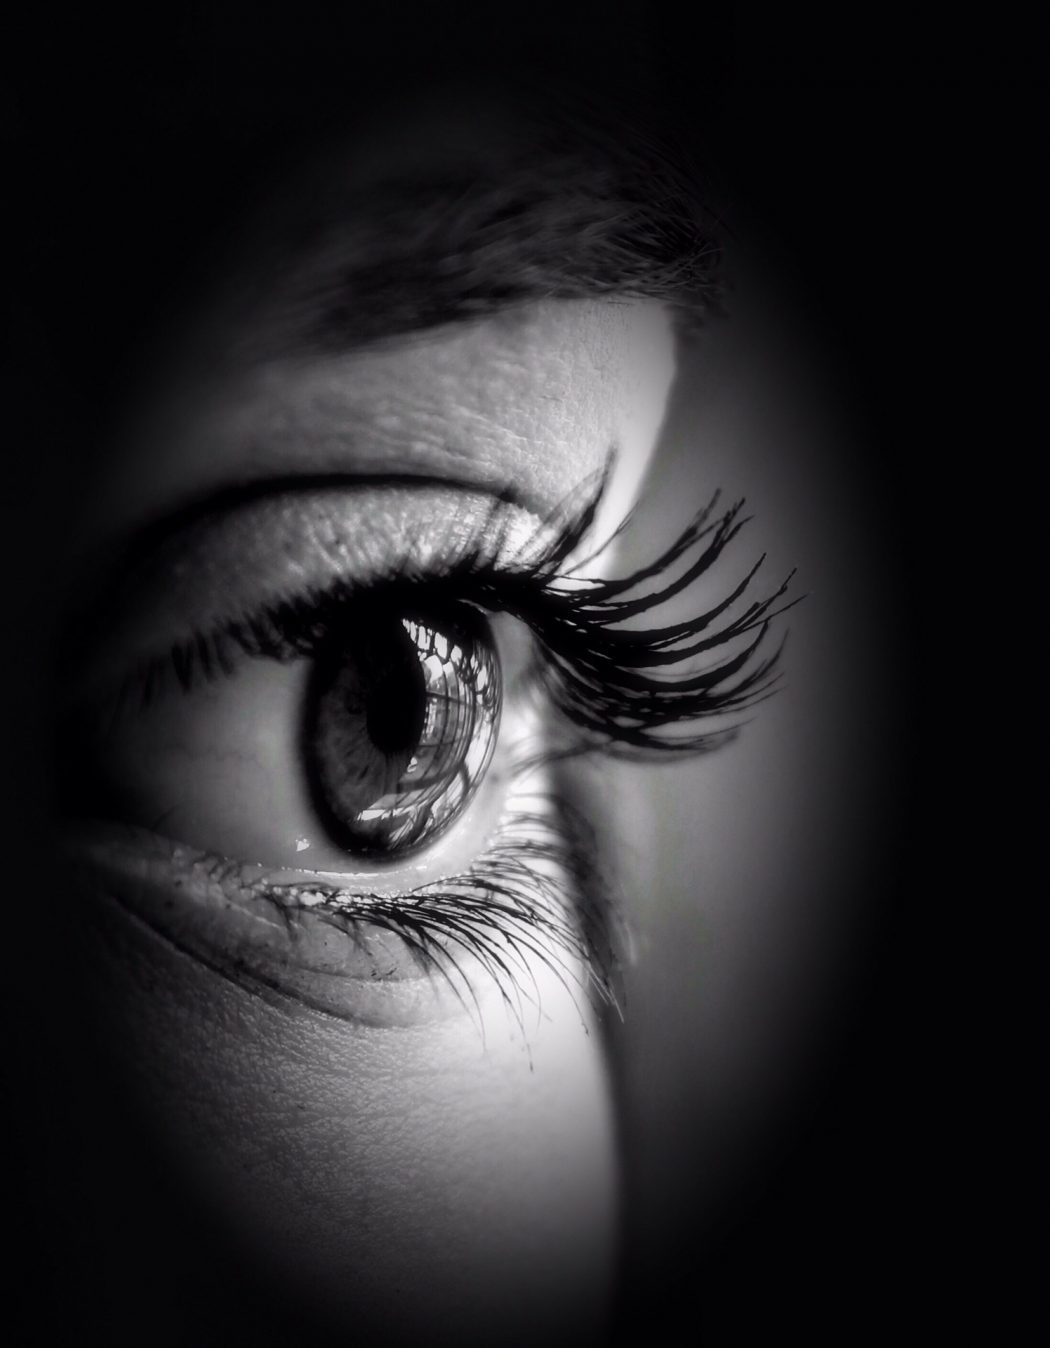 eye-240843_1920